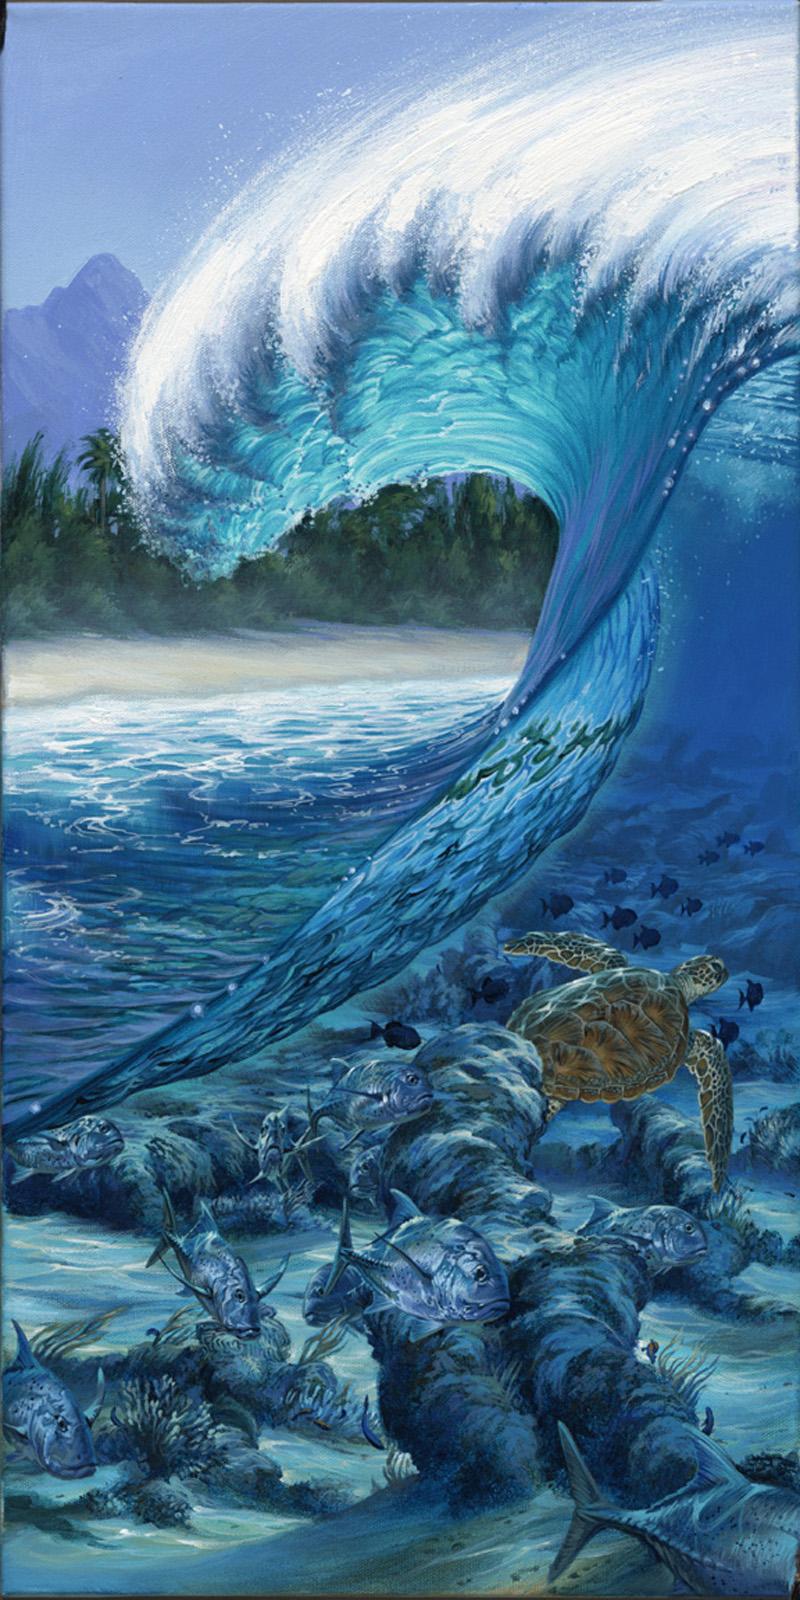 wave barrel hd wallpaper